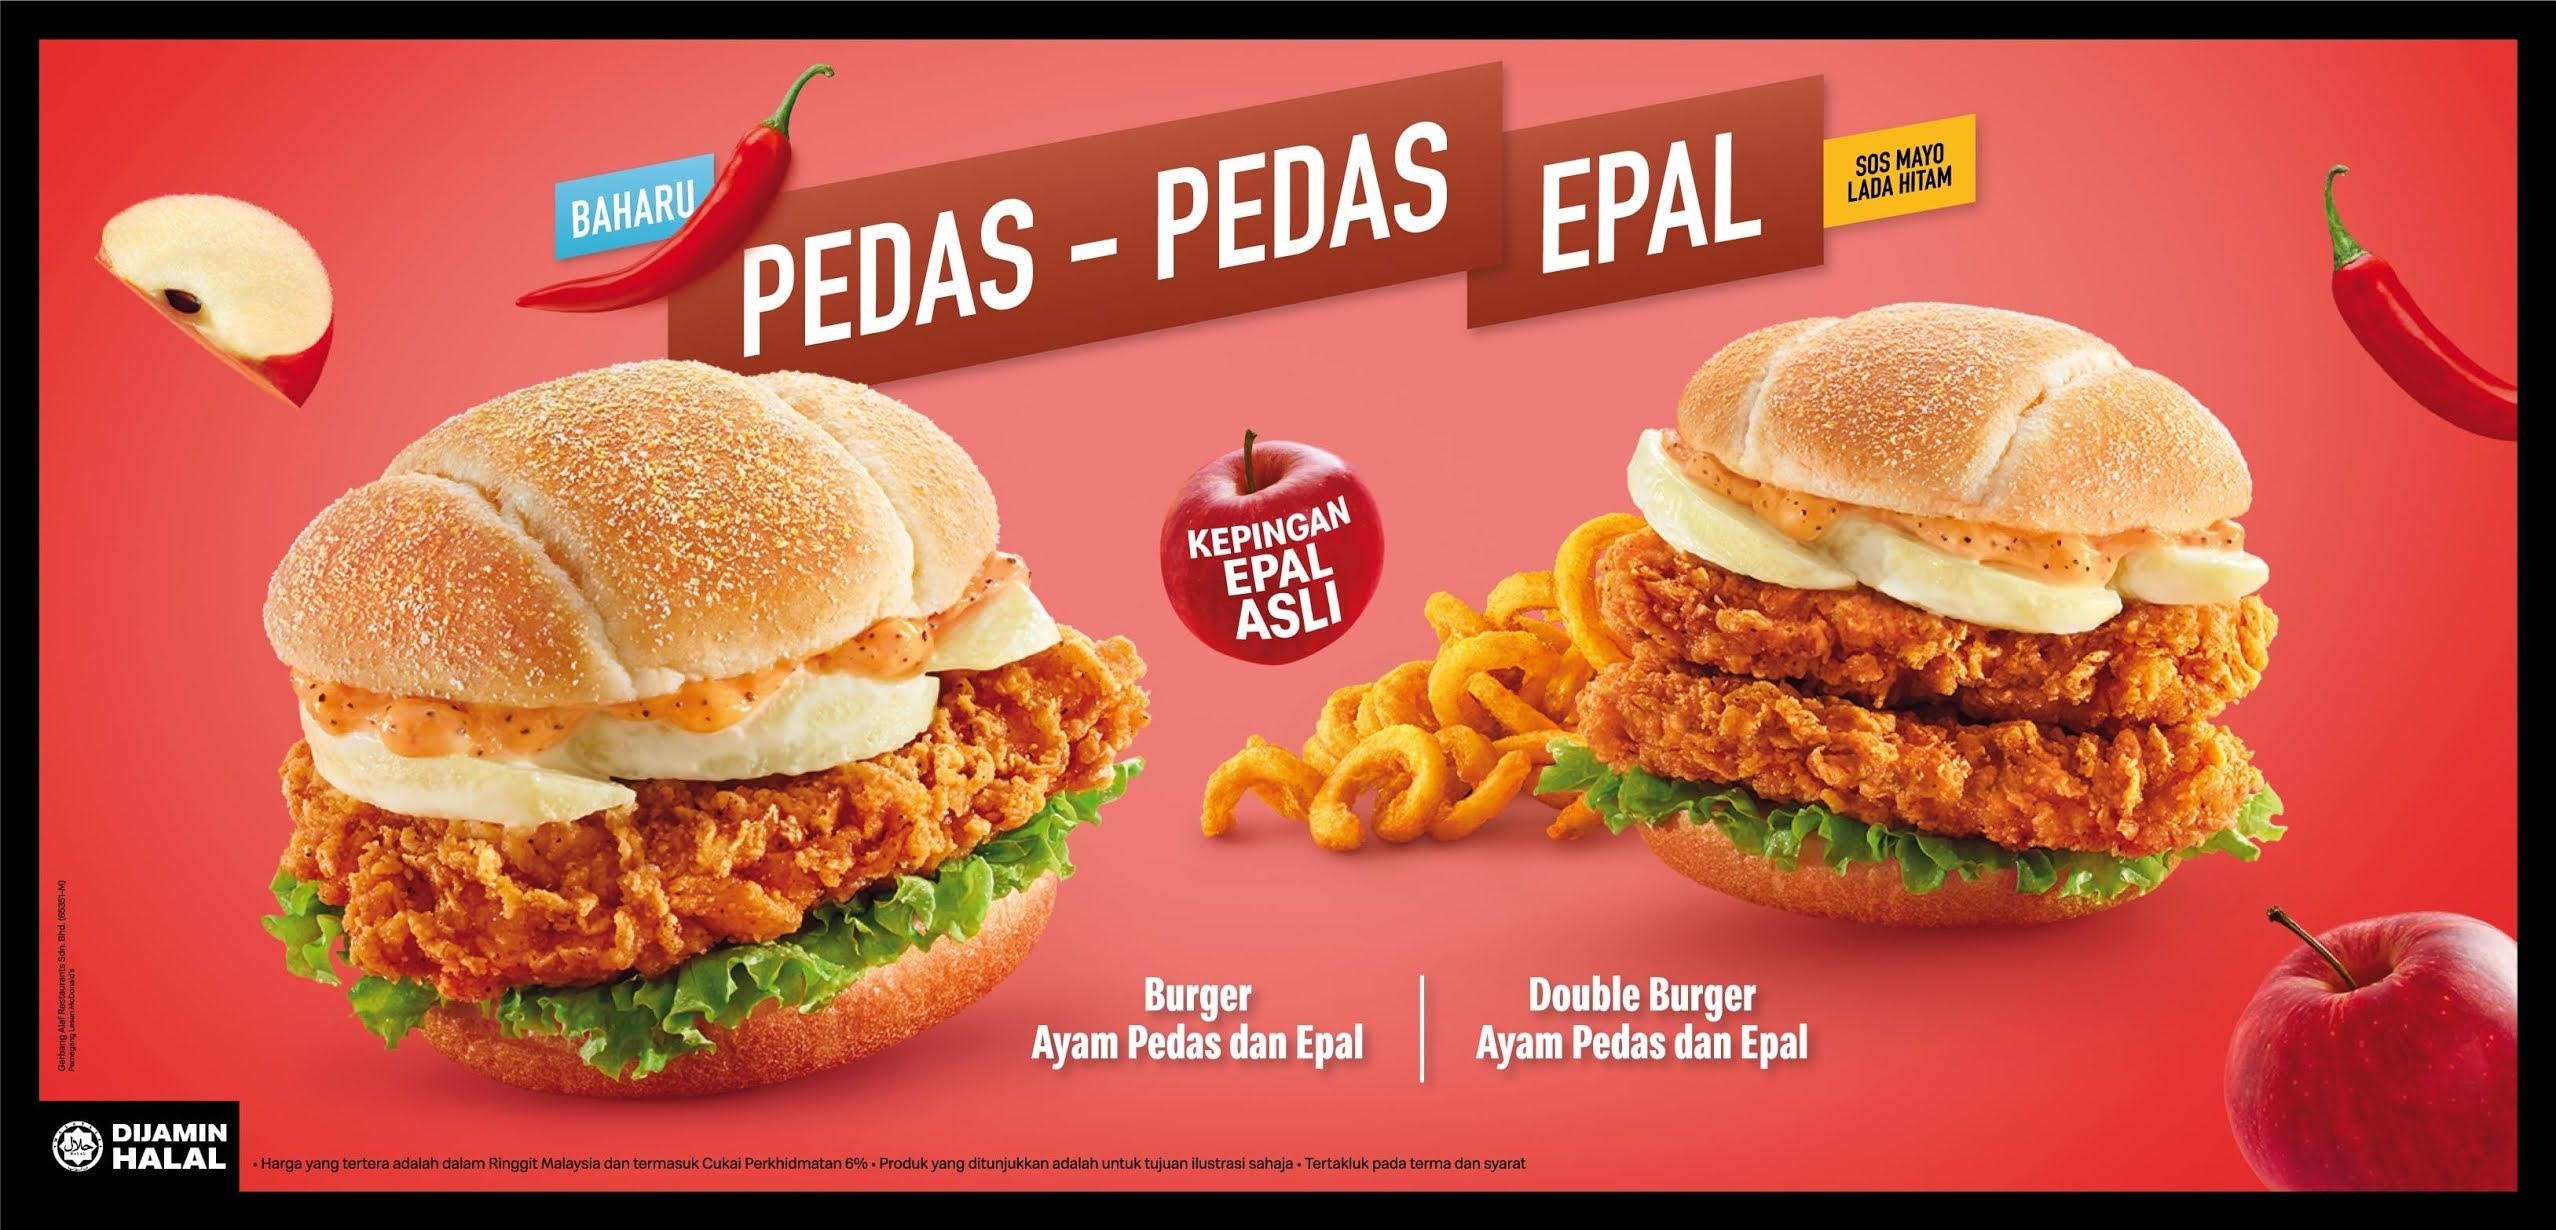 McDonald's Malaysia perkenal Burger Ayam Pedas dengan Hirisan Epal